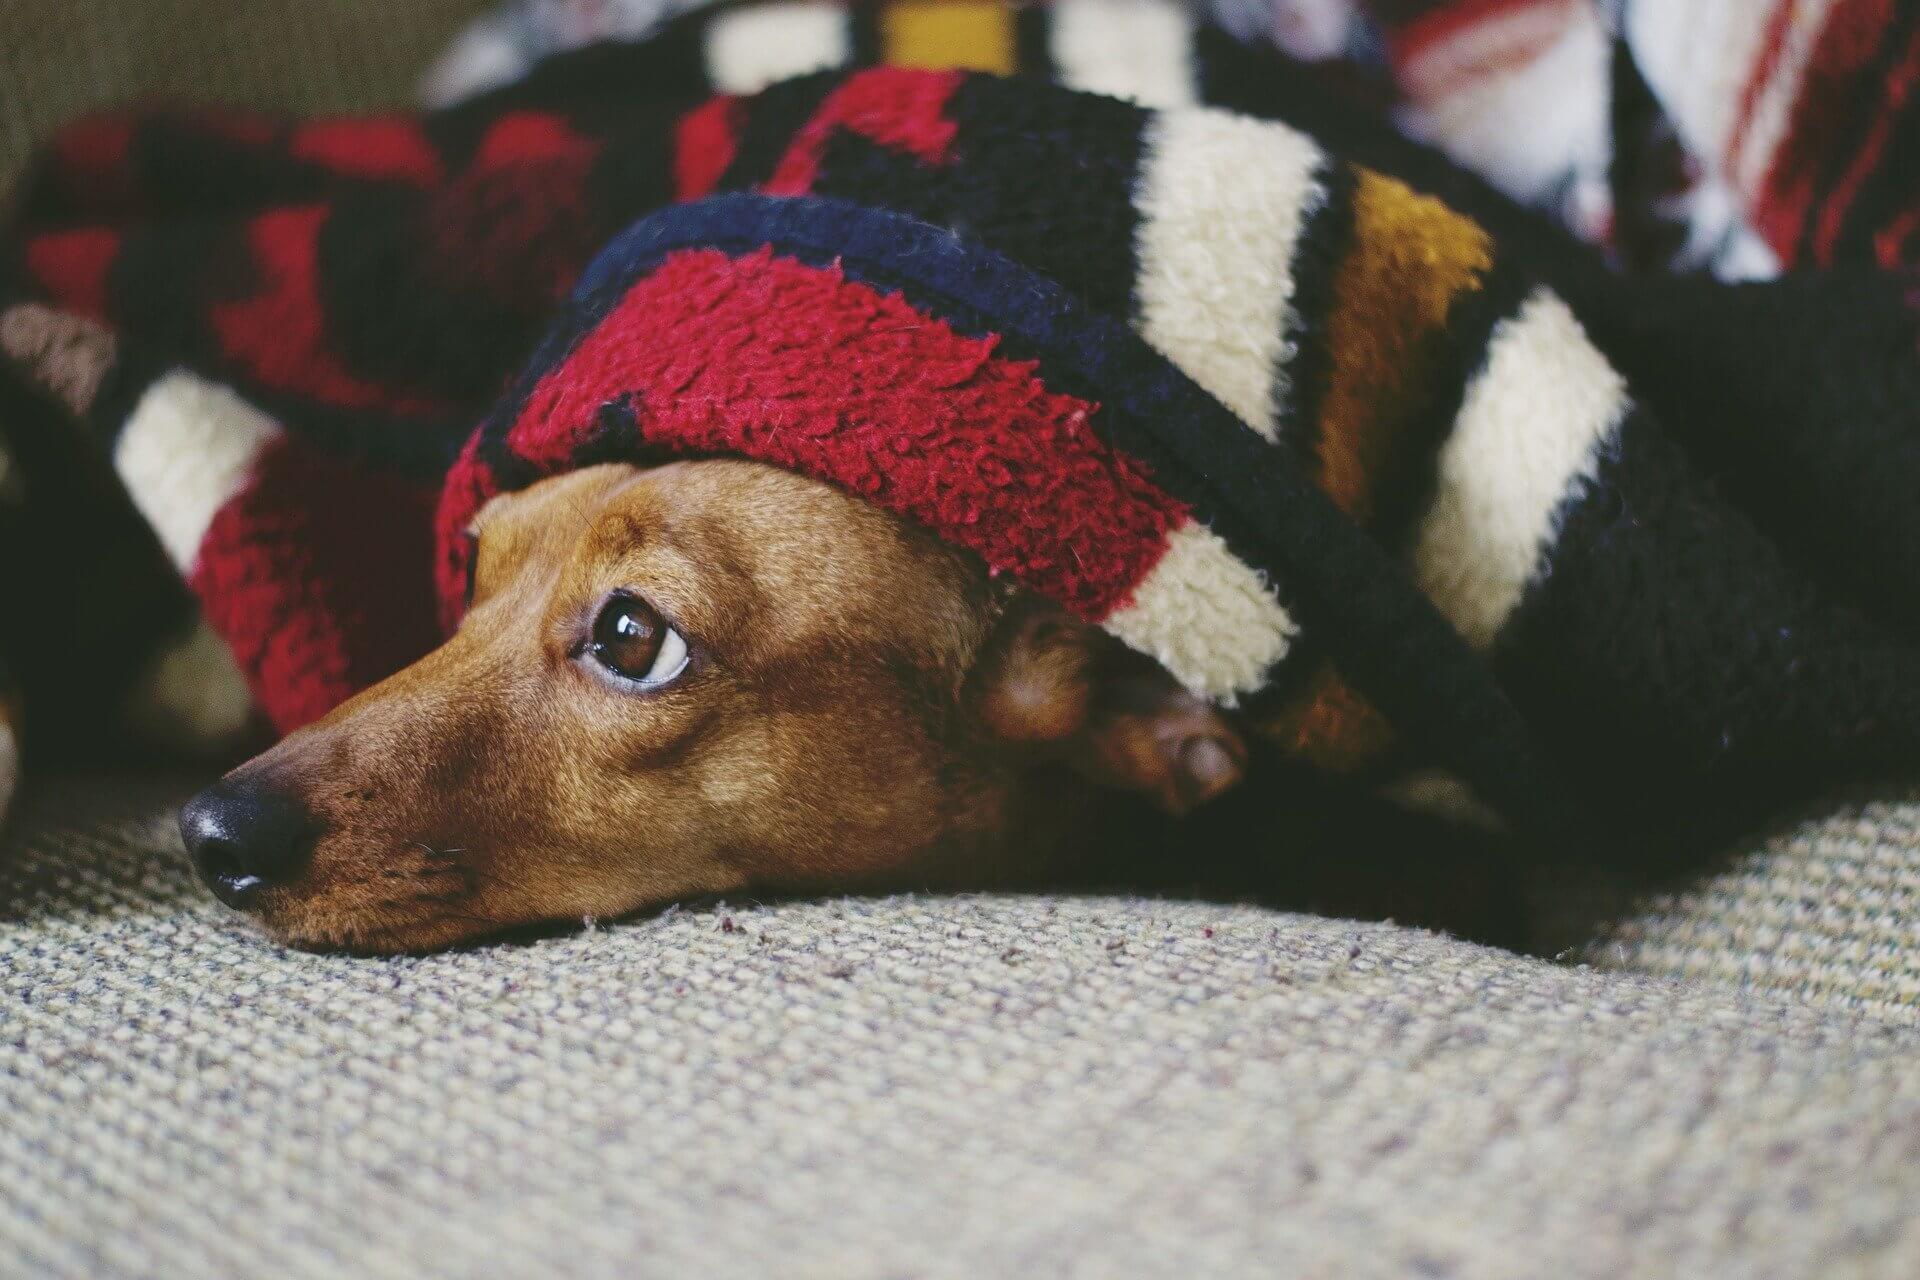 飼主只須提供基本的保暖用品,當毛孩覺得冷便會自行使用